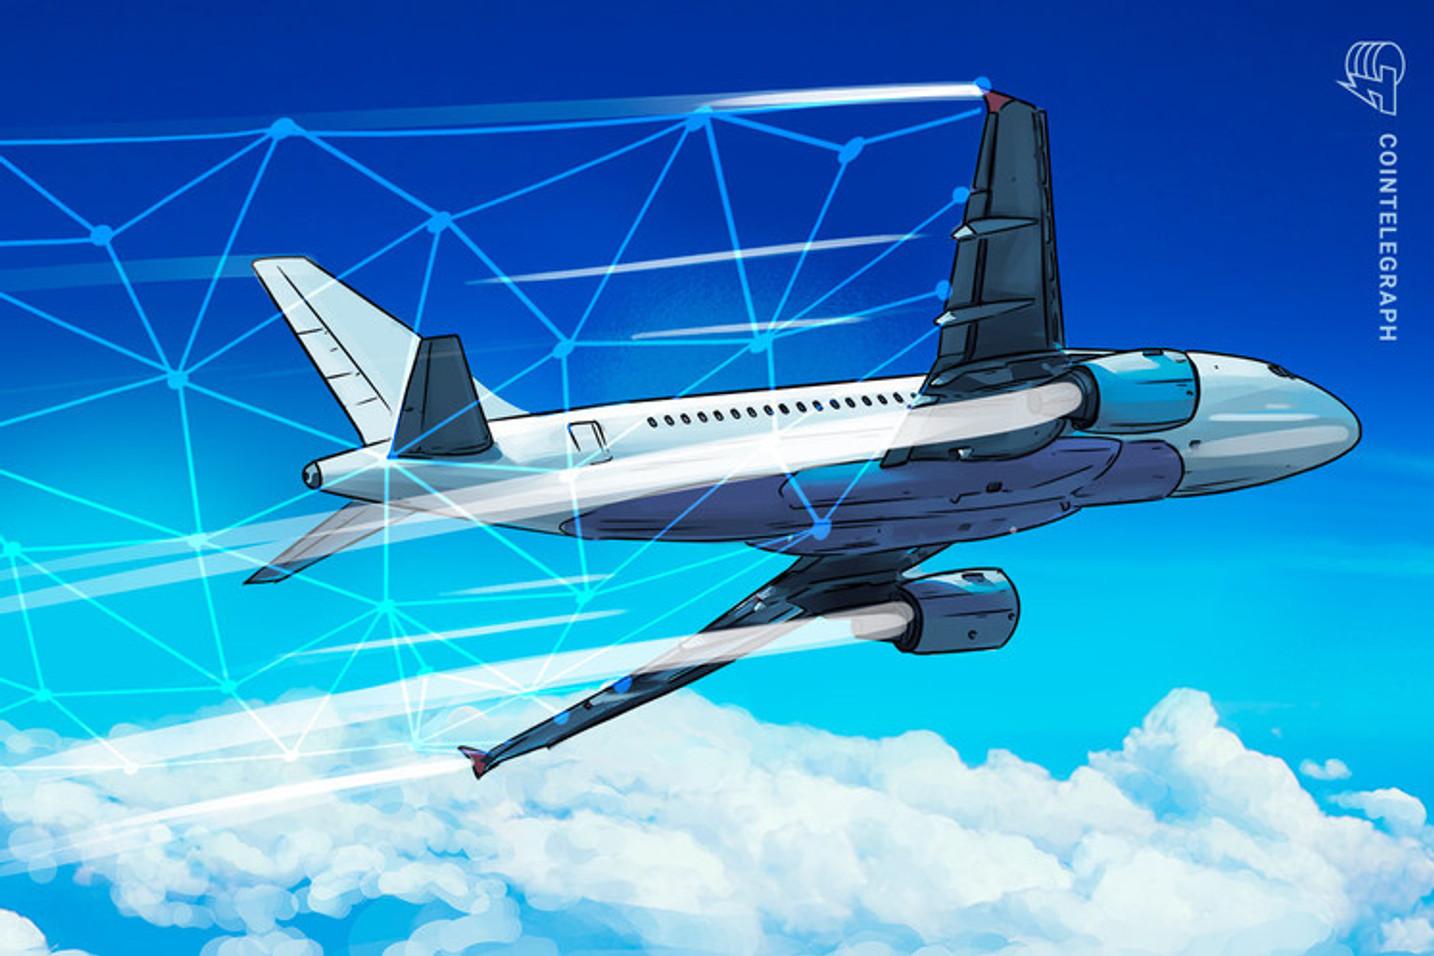 Se lanza al mercado JetsBooking.com, un marketplace B2B que funciona con IA, IoT y Blockchain